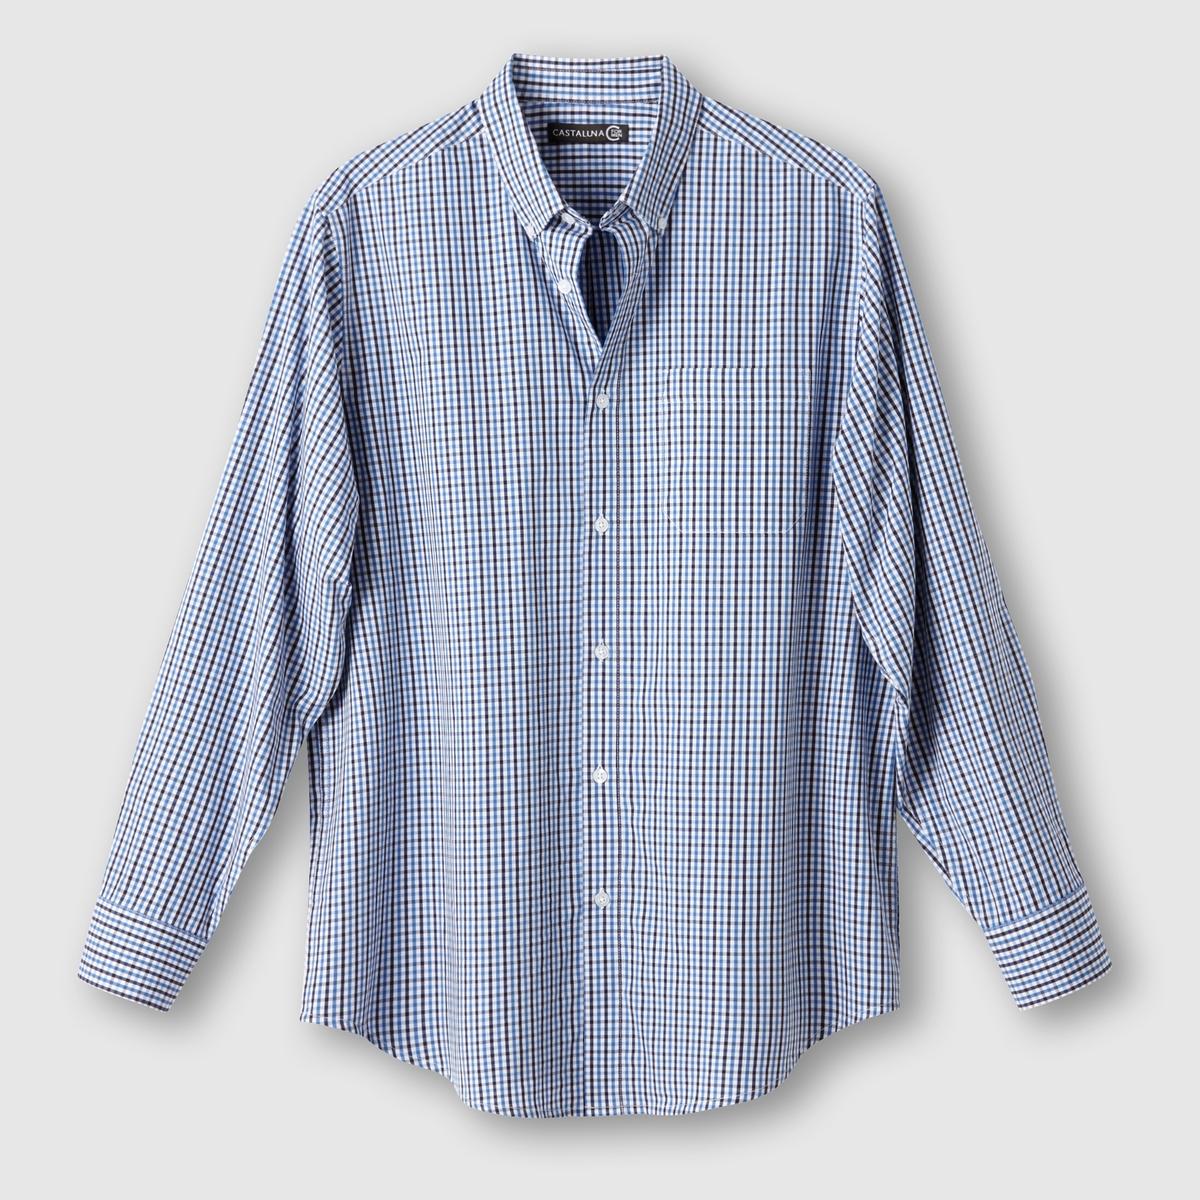 Рубашка в клеткуРубашка в клетку. Длинные рукава. Воротник с застежкой на пуговицы. 1 нагрудный карман. Складка сзади. Закругленный низ. Поплин в клетку с окрашенными волокнами, 100% хлопок. Длина 83 см.<br><br>Цвет: темно-синий/ синий<br>Размер: 51/52.55/56.41/42